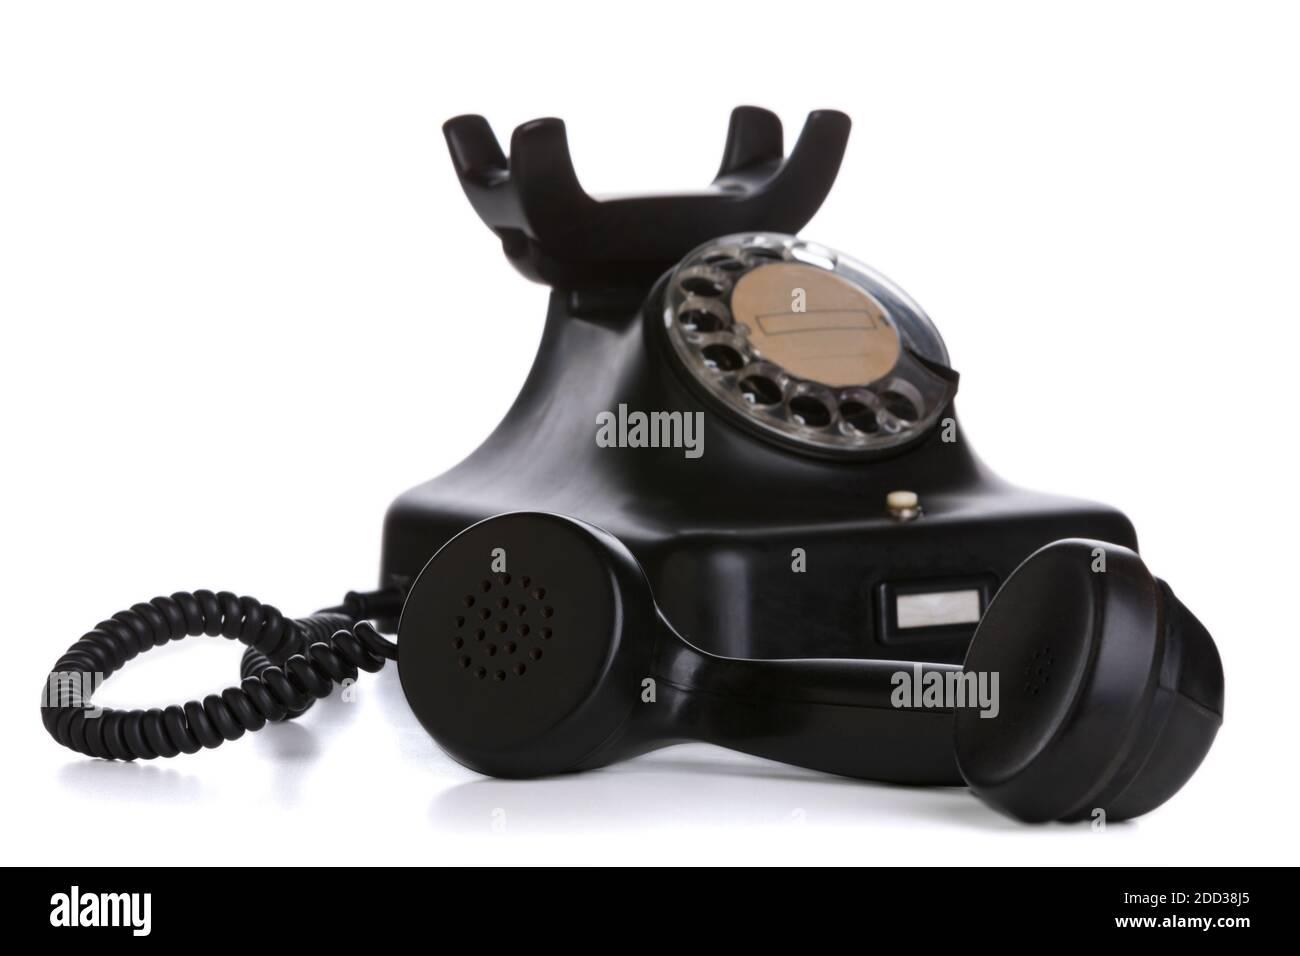 Telefono vintage con ricevitore spento, isolato su sfondo bianco Foto Stock